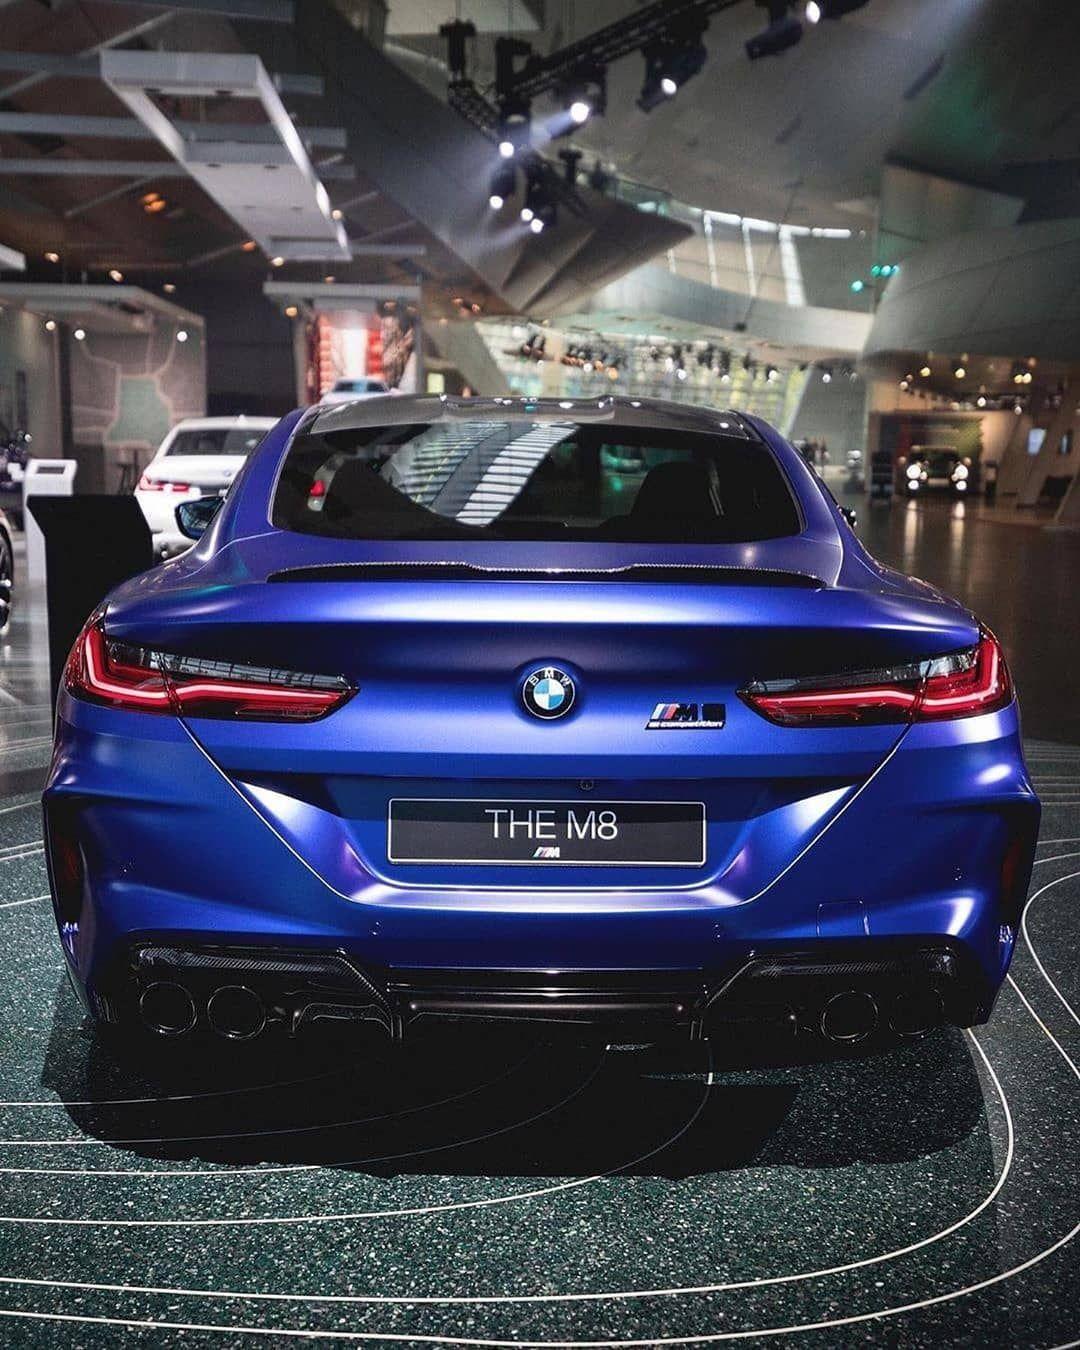 Bmw Mpoweer Bmw Mpower Cars Luxury Cars Luxury Cars Bmw Bmw Super Cars